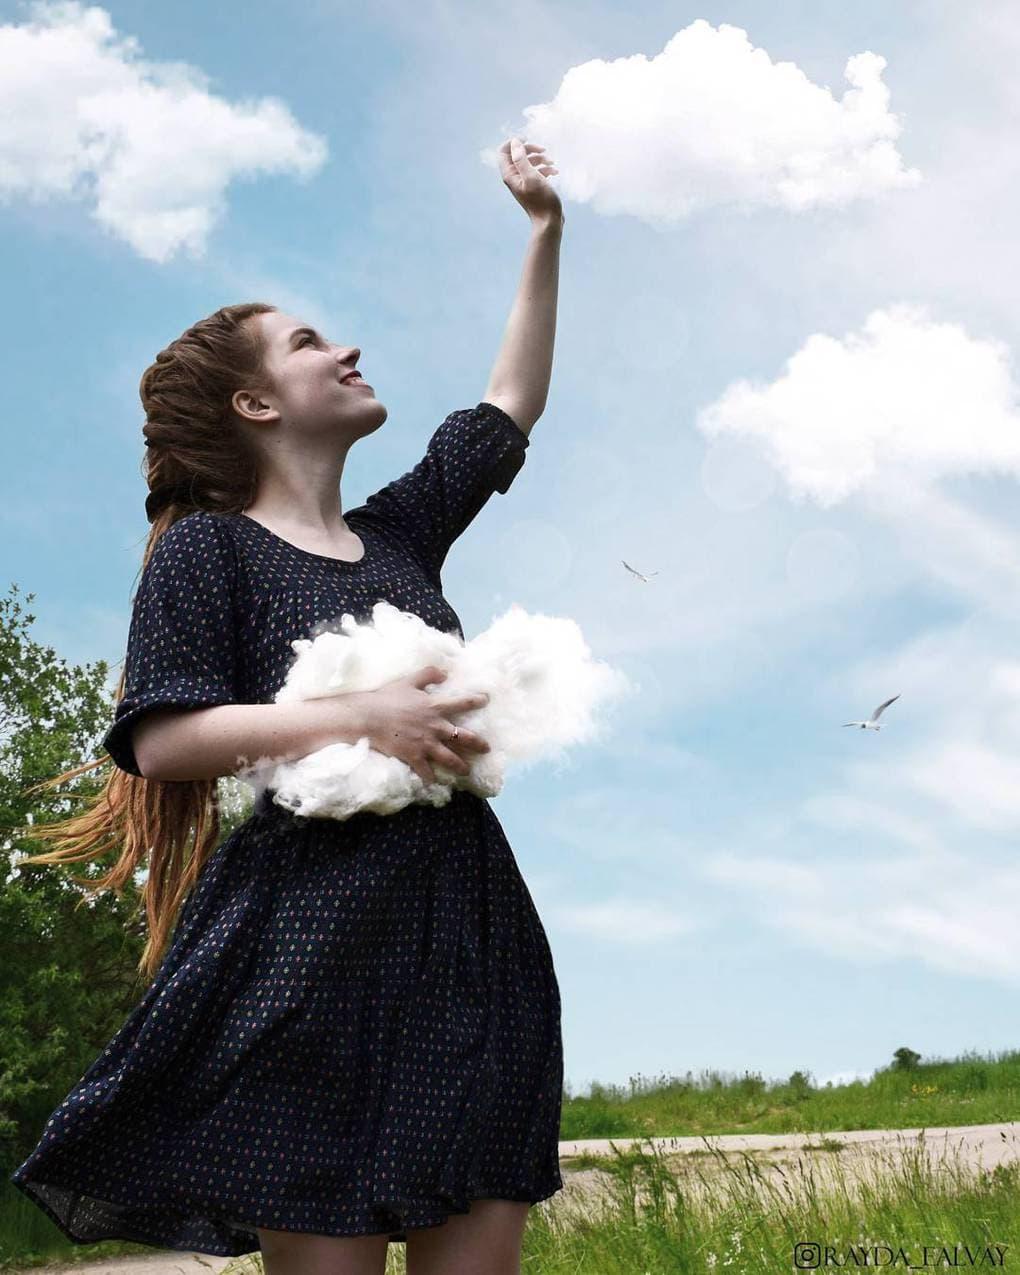 19-летняя художница создает уникальные работы, которые открывают глаза на мир